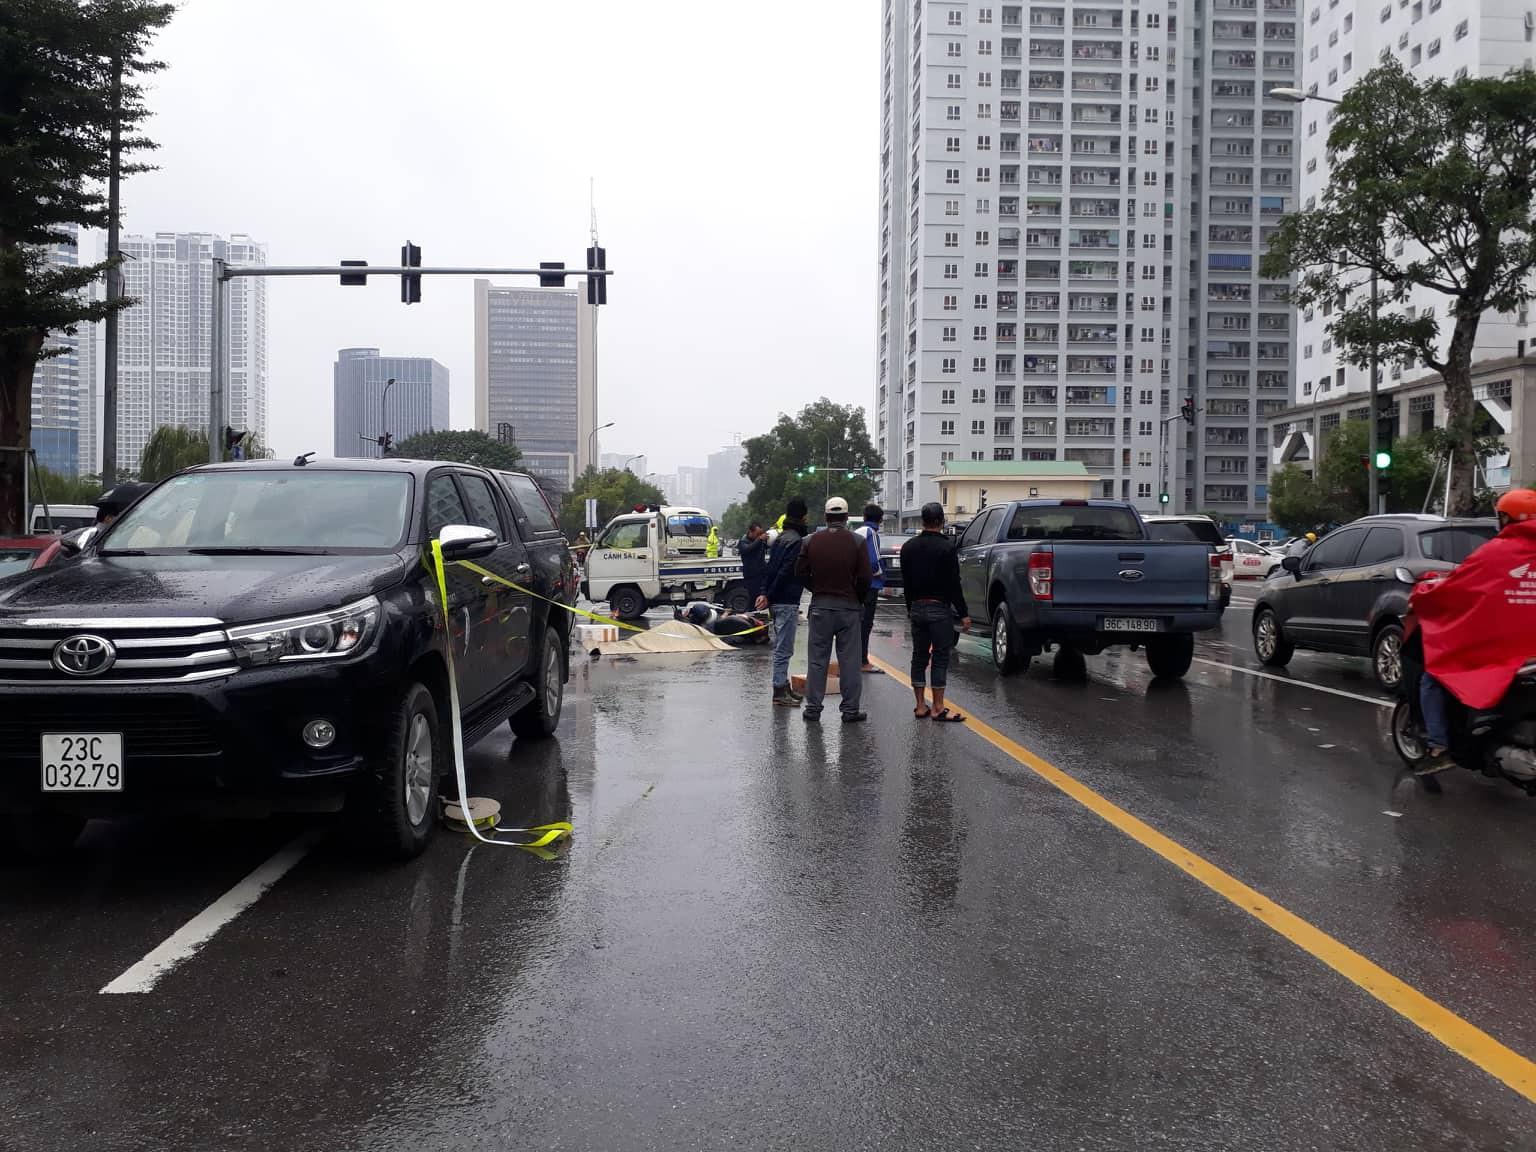 Hà Nội: Xót xa cảnh người đàn ông gục khóc suốt 1 giờ tại hiện trường tai nạn khiến 1 nạn nhân tử vong - Ảnh 1